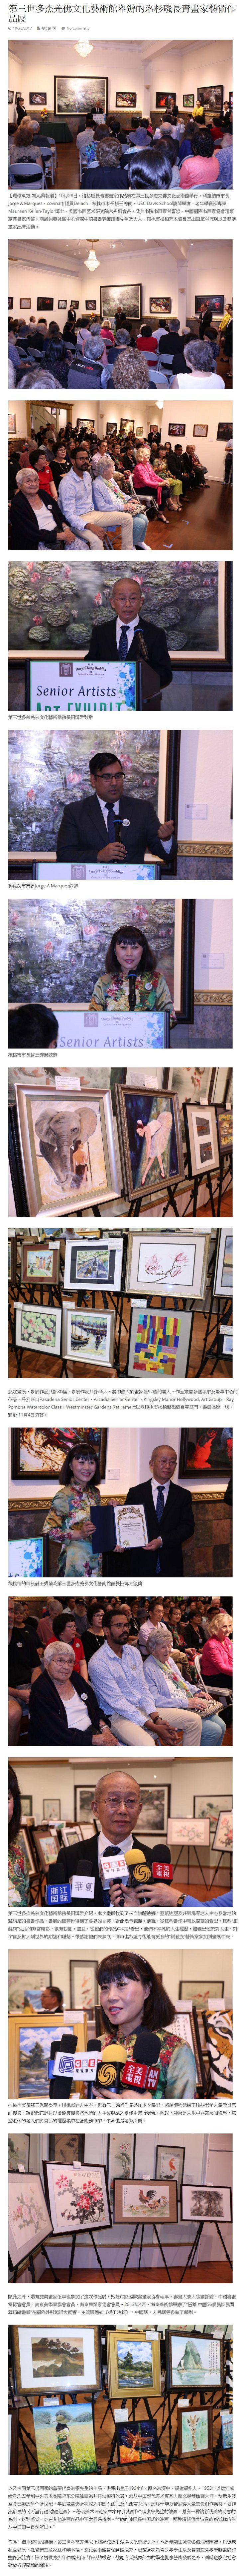 第三世多杰羌佛文化藝術館舉辦的洛杉磯長青畫家藝術作品展